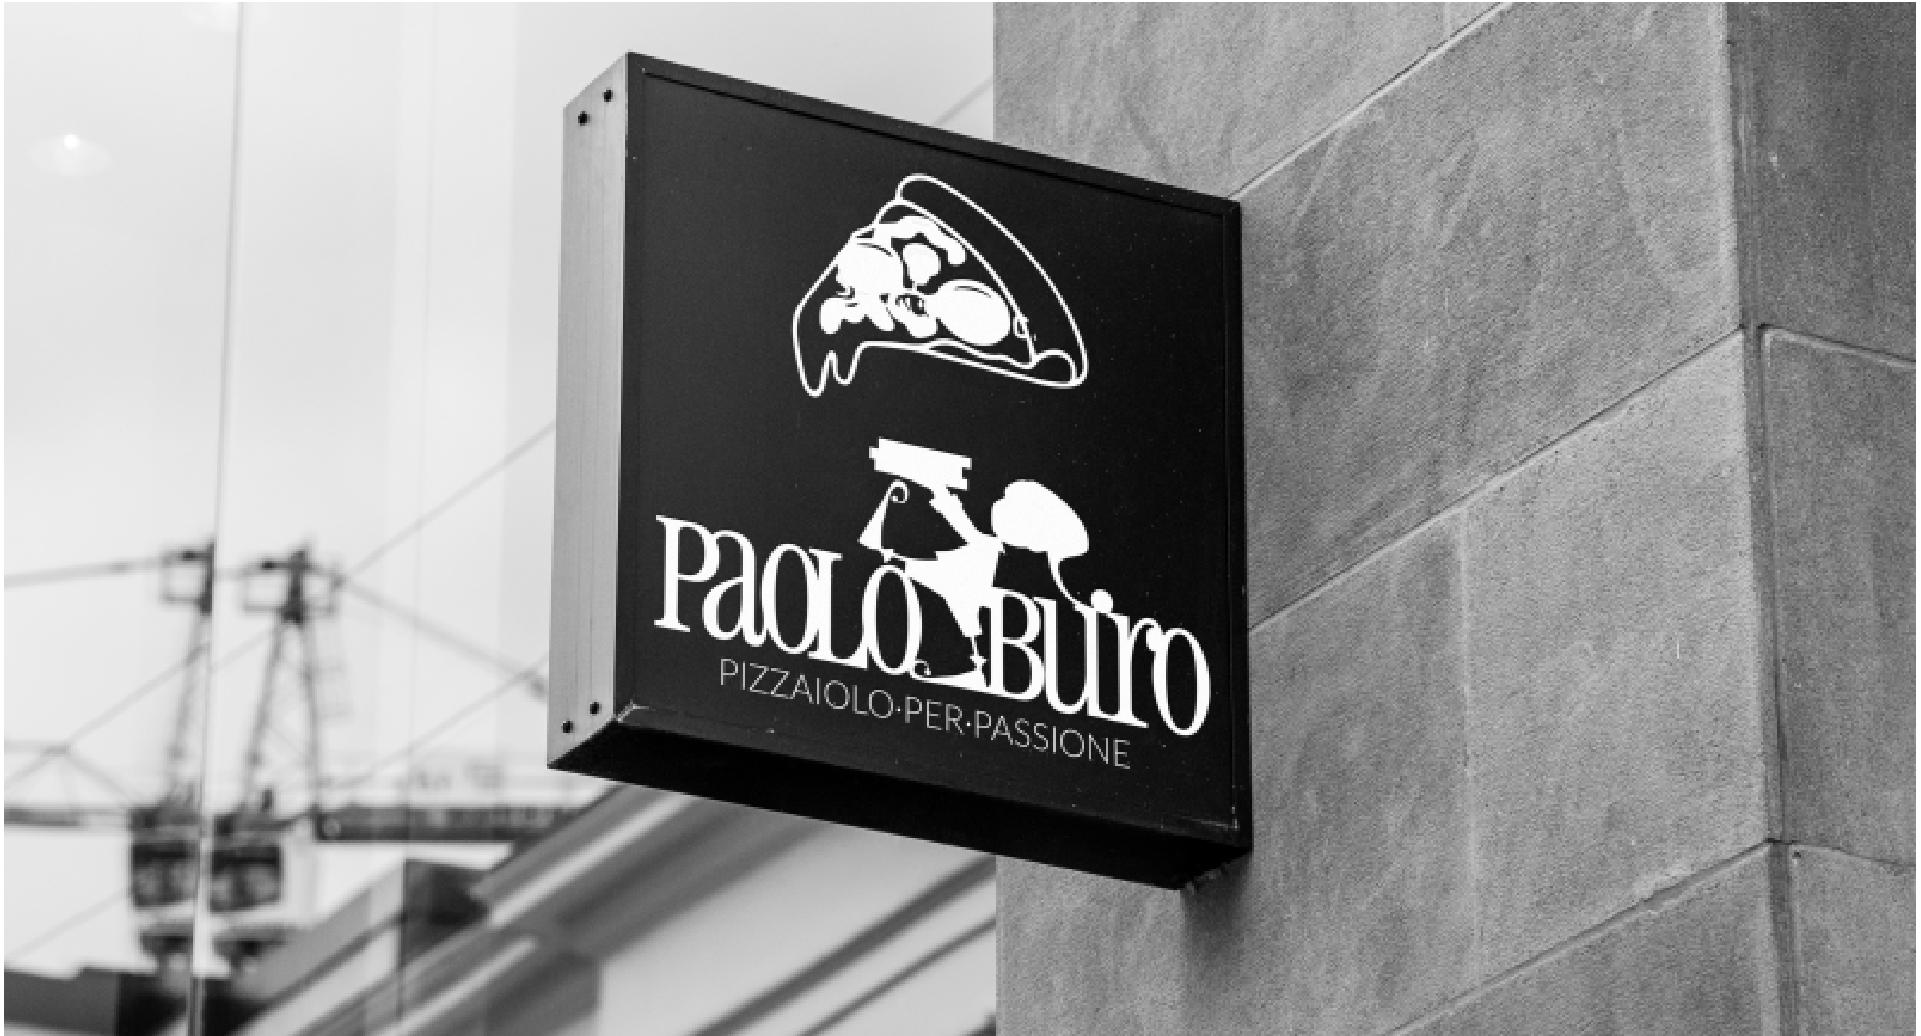 Paolo Buro